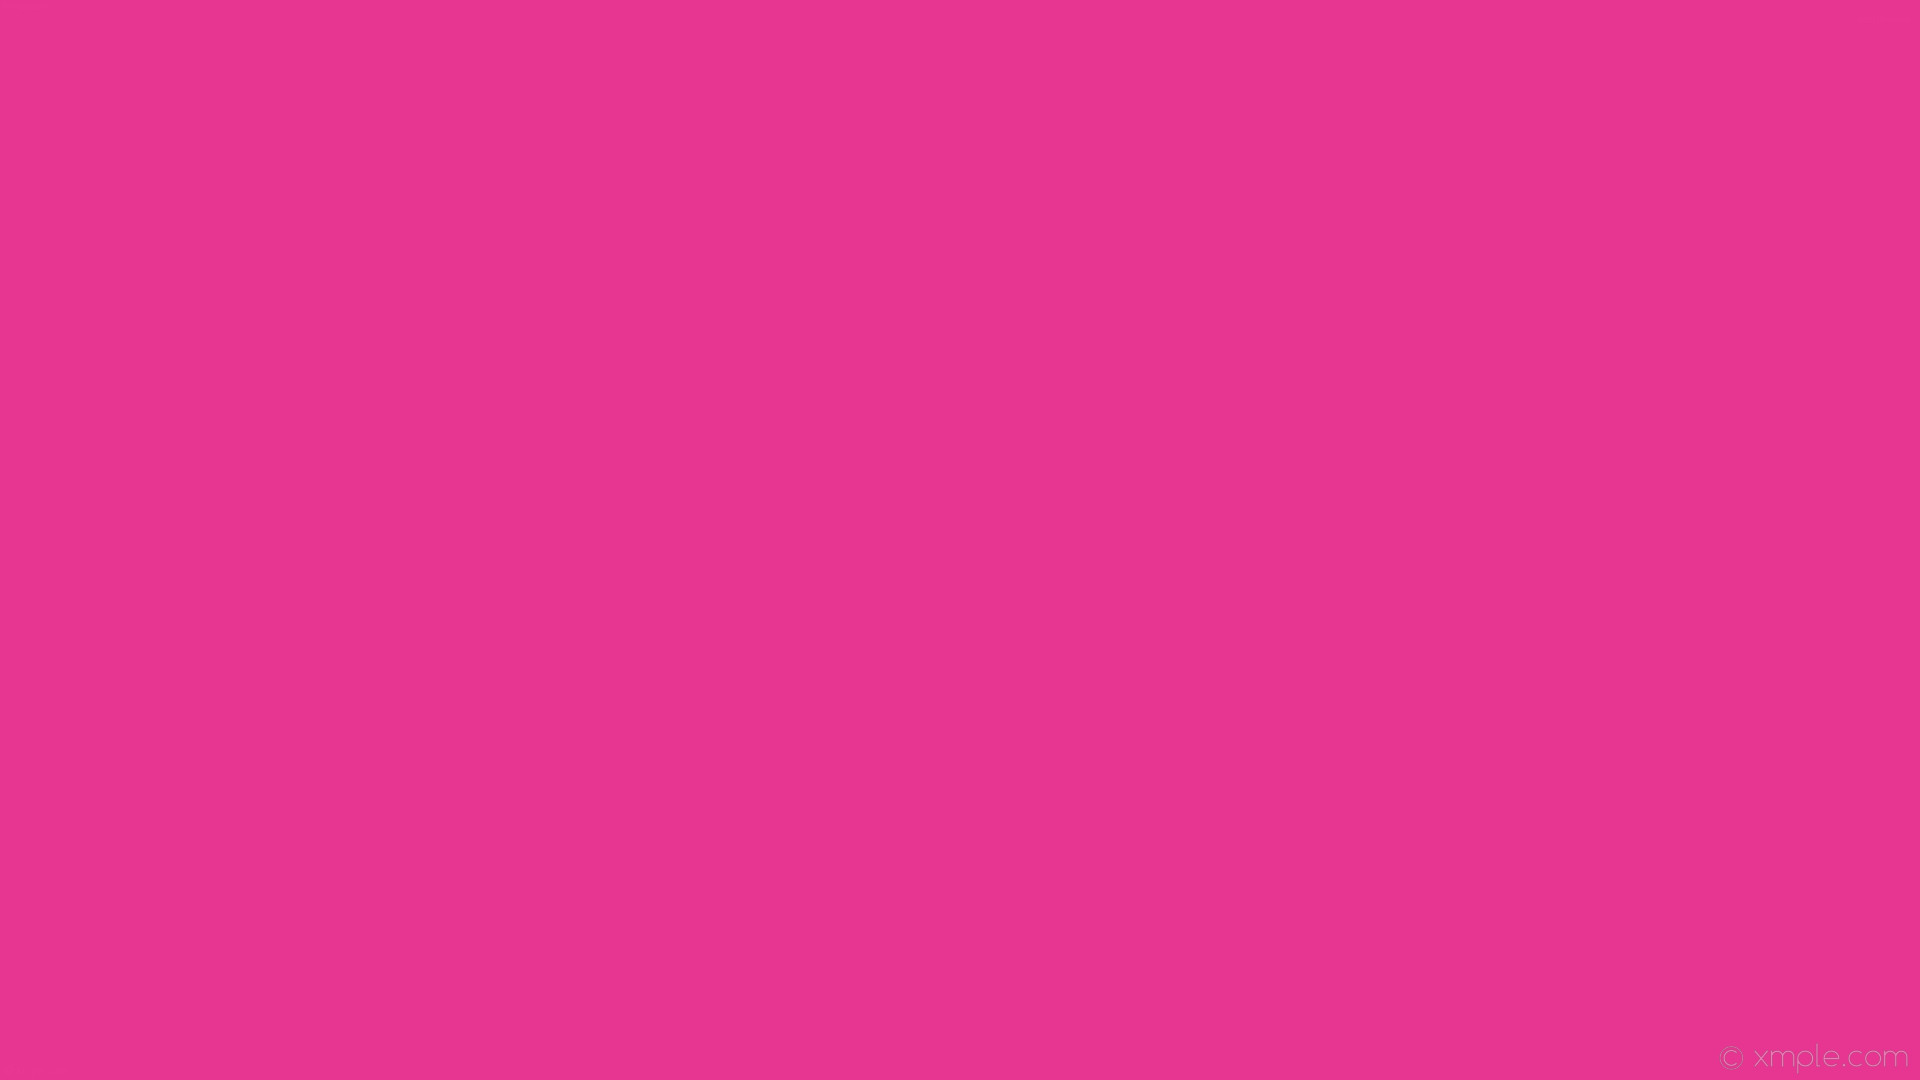 wallpaper single plain solid color pink one colour #e73692